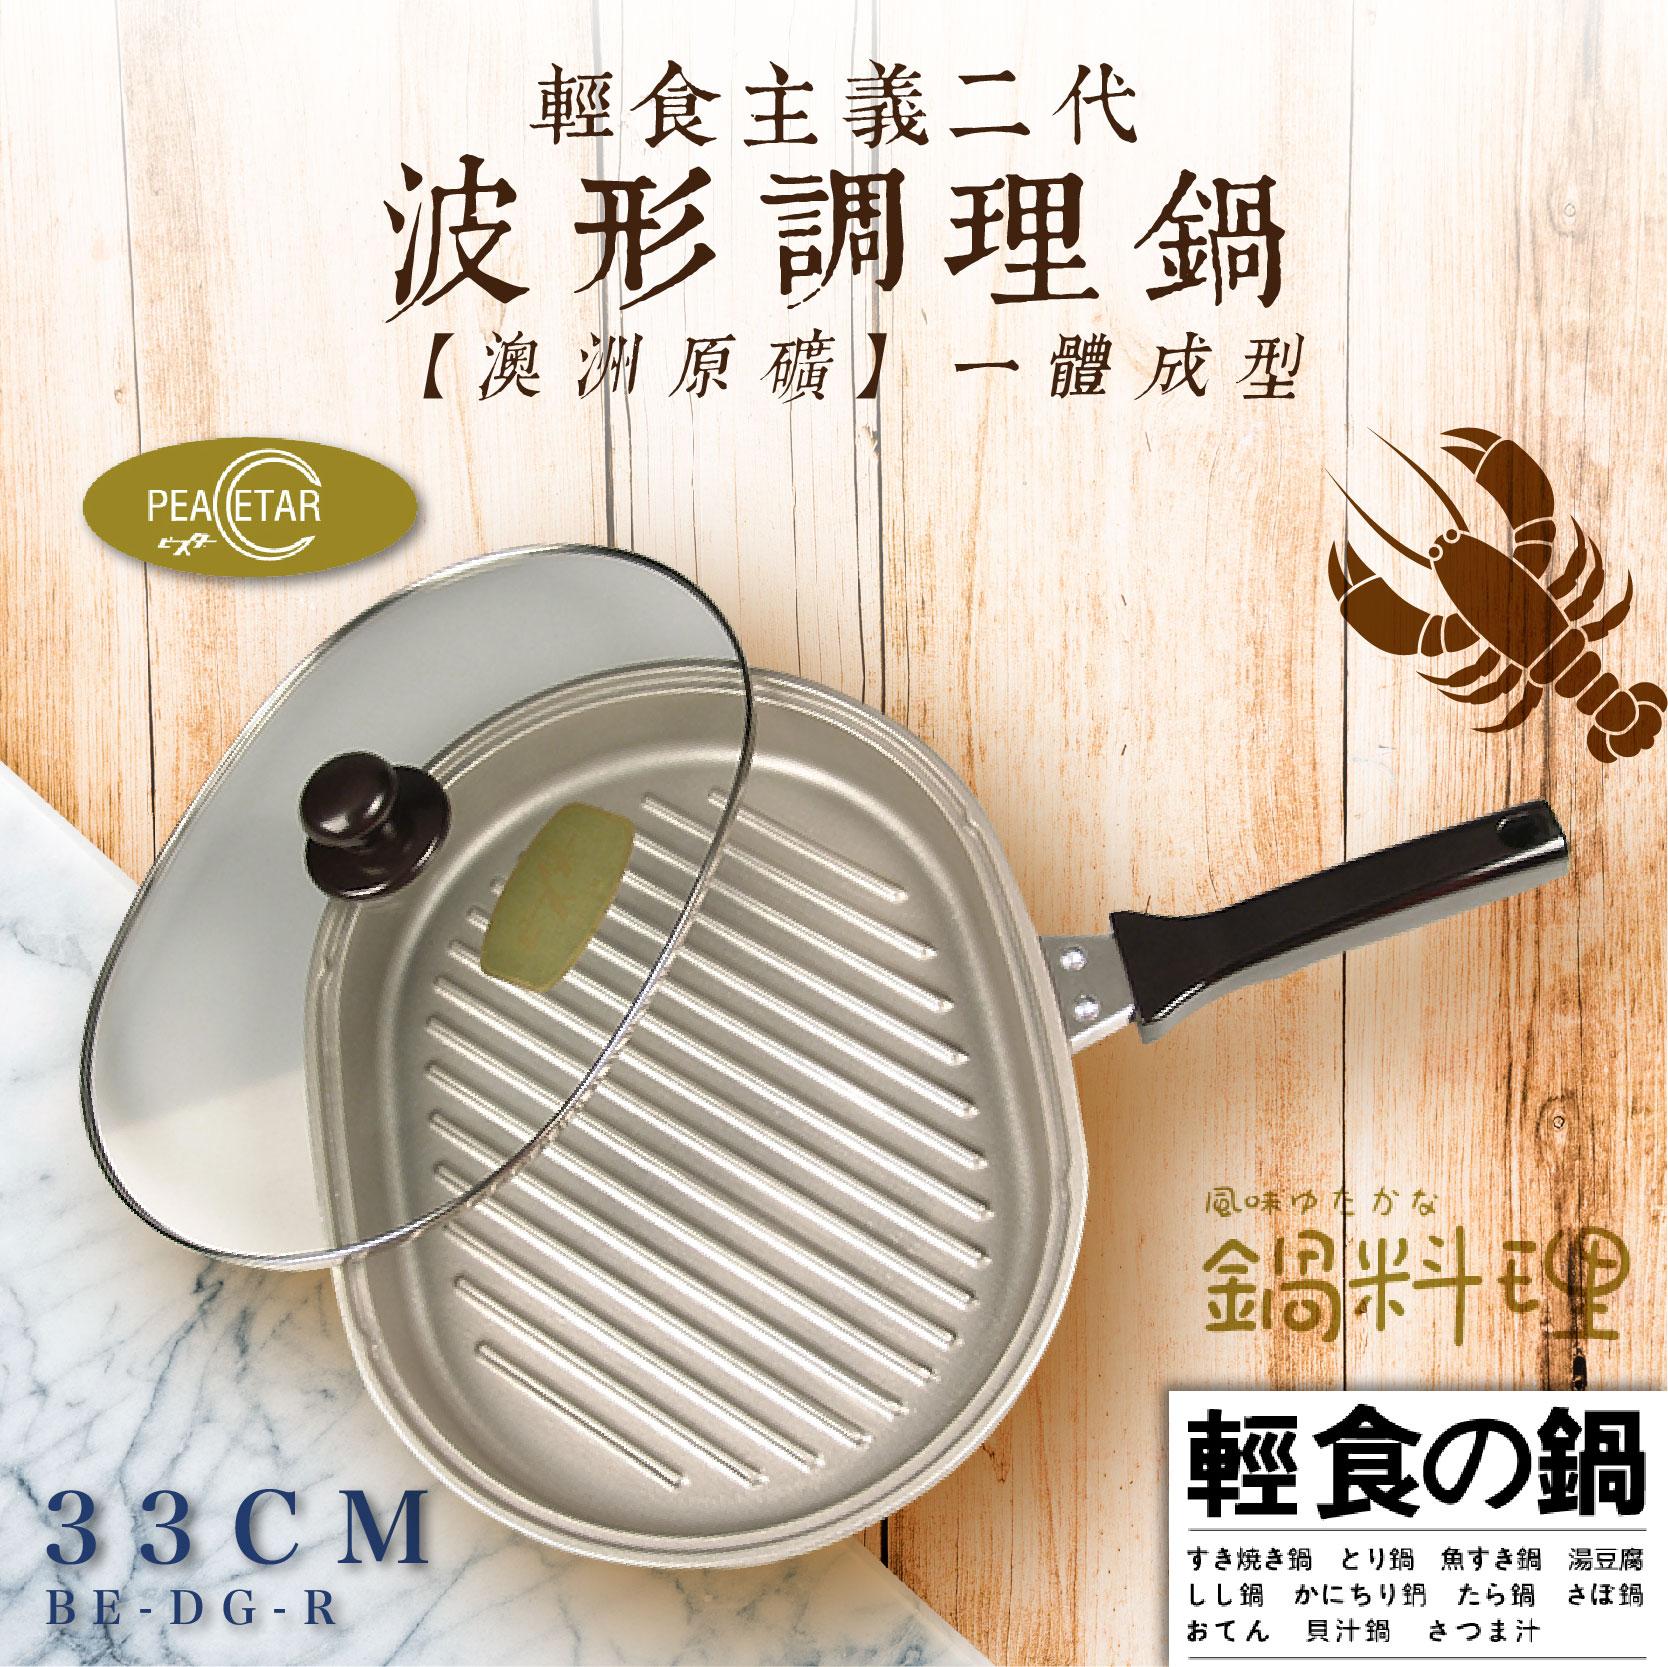 🍳原鑛波形調理鍋33CM BE-DG-R 輕食主義 澳洲原礦 一體成形 耐磨 日本專家設計鍋具 廚具鍋子 日系必士達